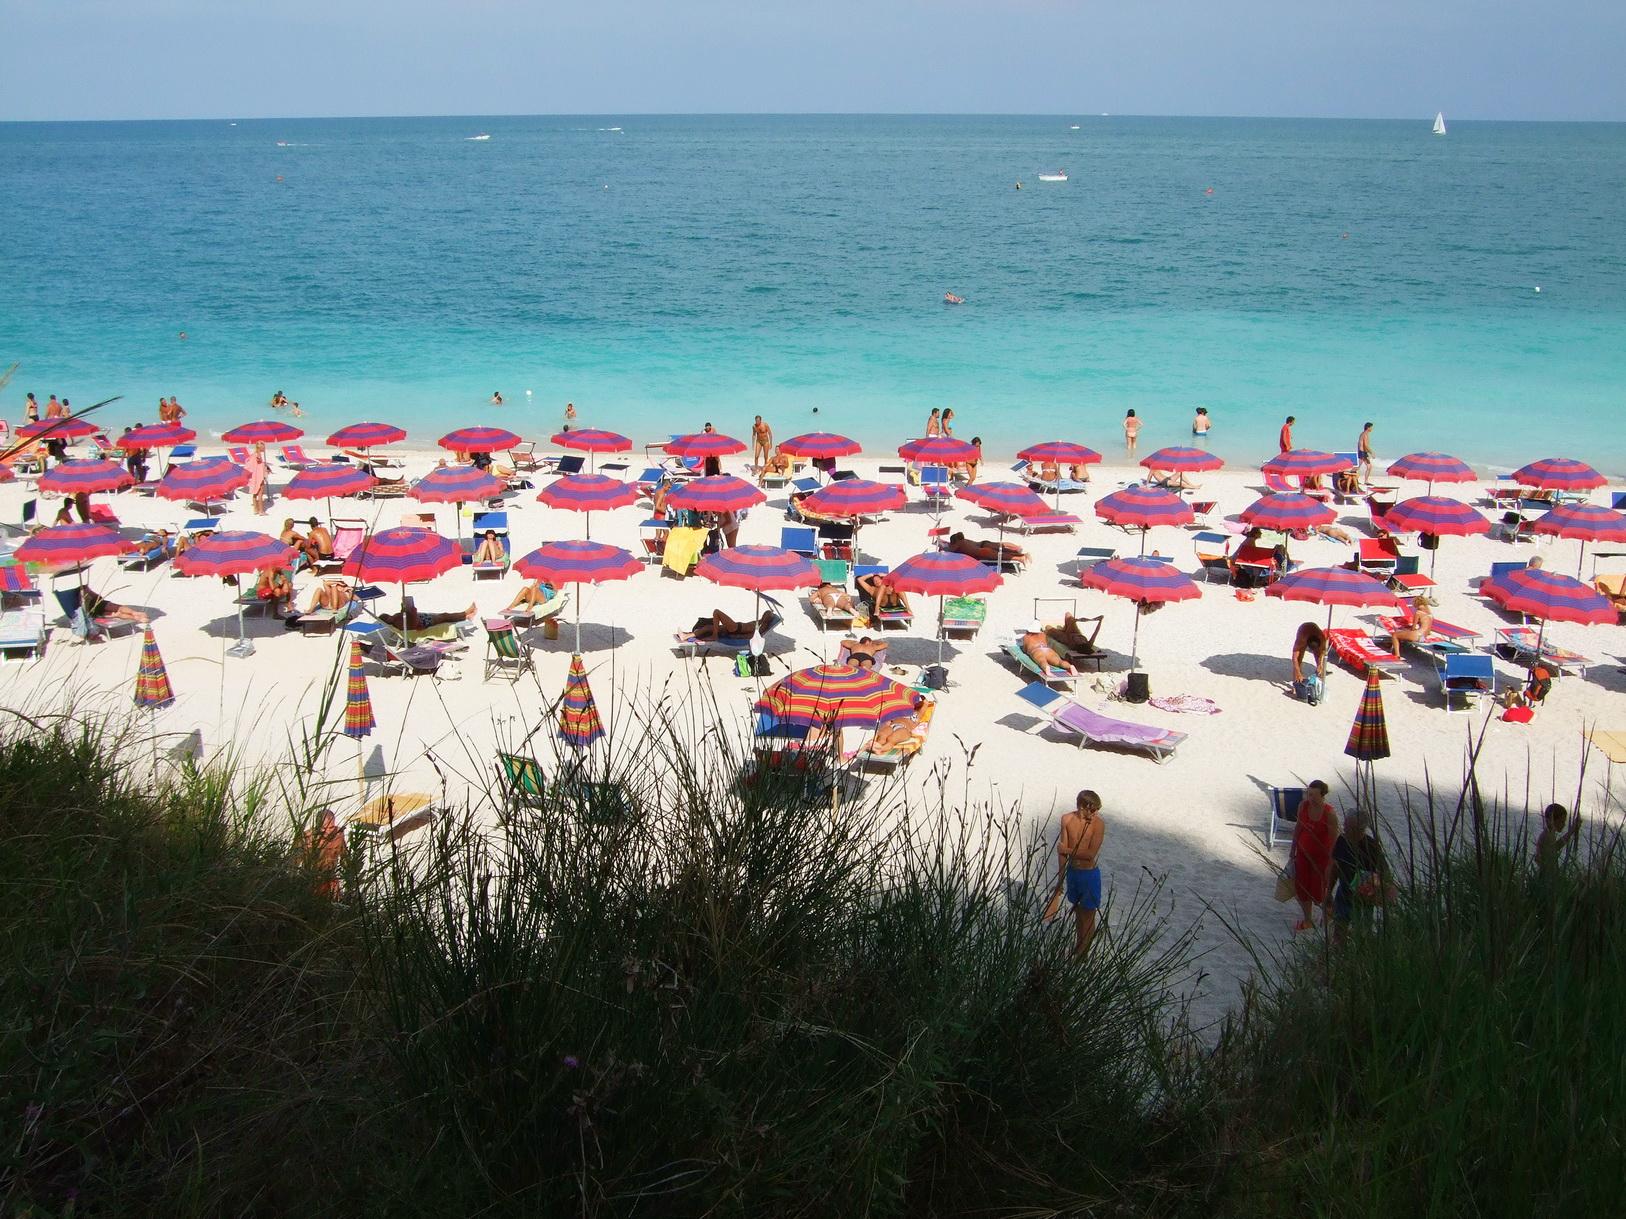 5 GIORNI sulle spiagge della Riviera del Conero Spiaggia San Michele Sirolo